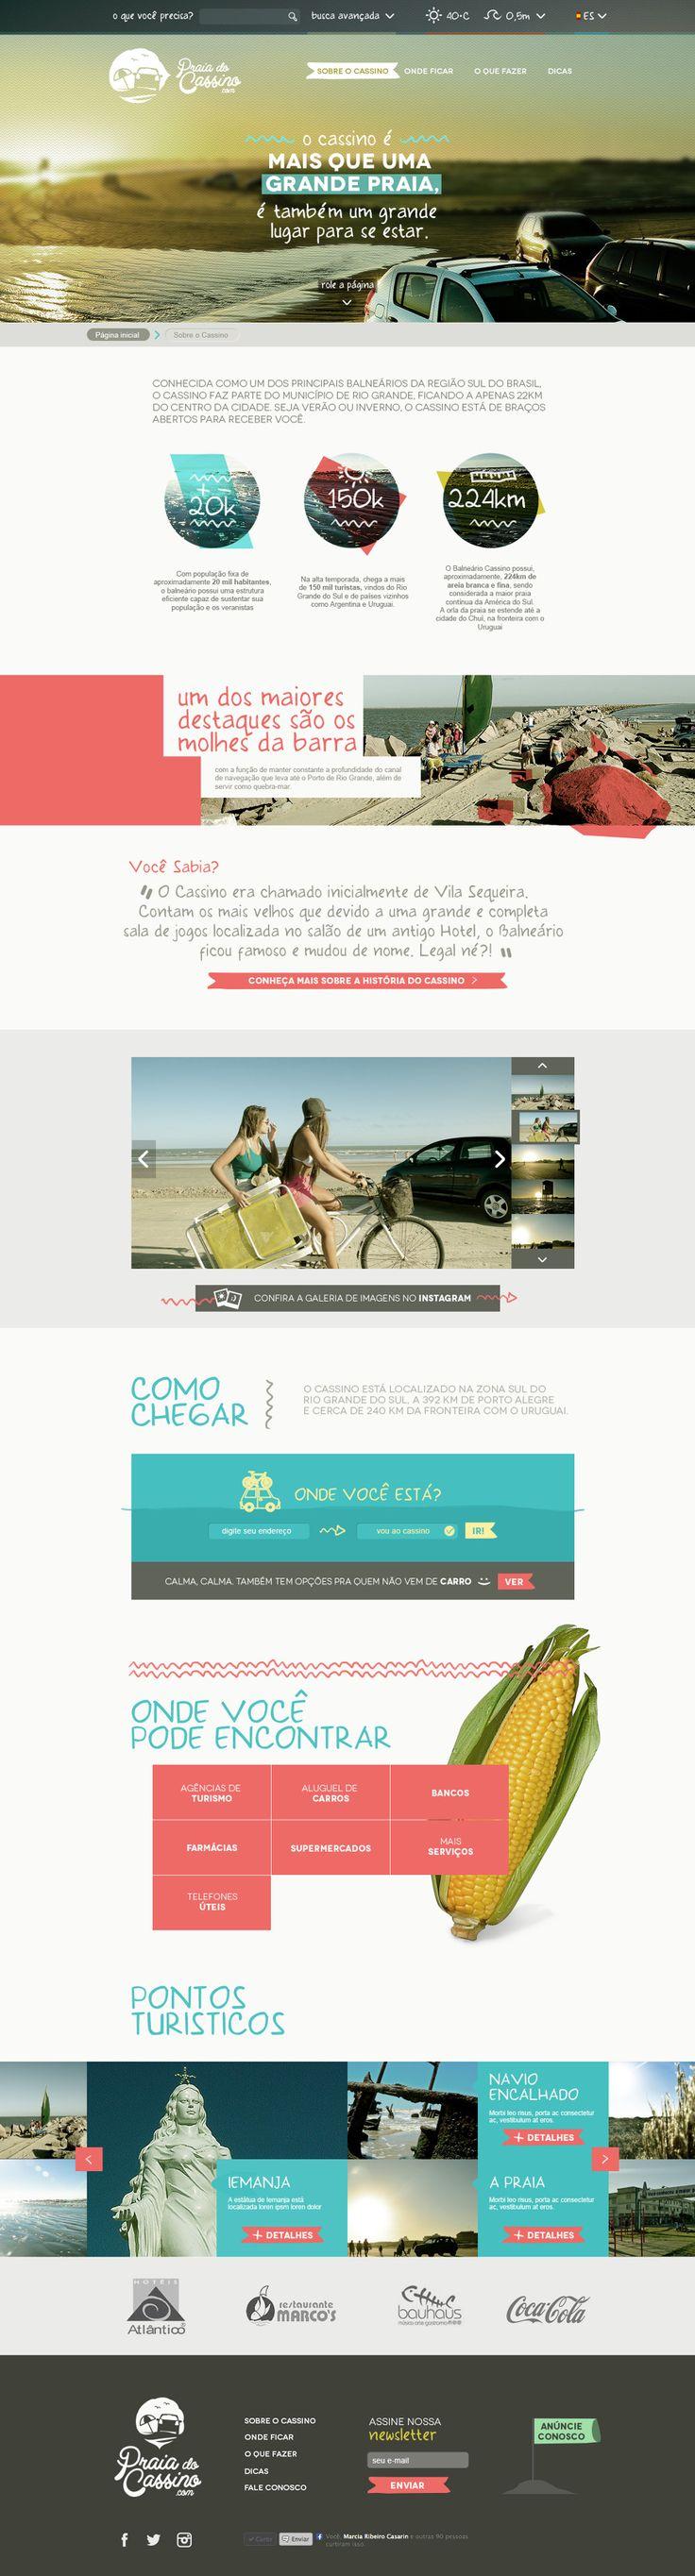 Praia do Cassino.com by Vinícius Costa